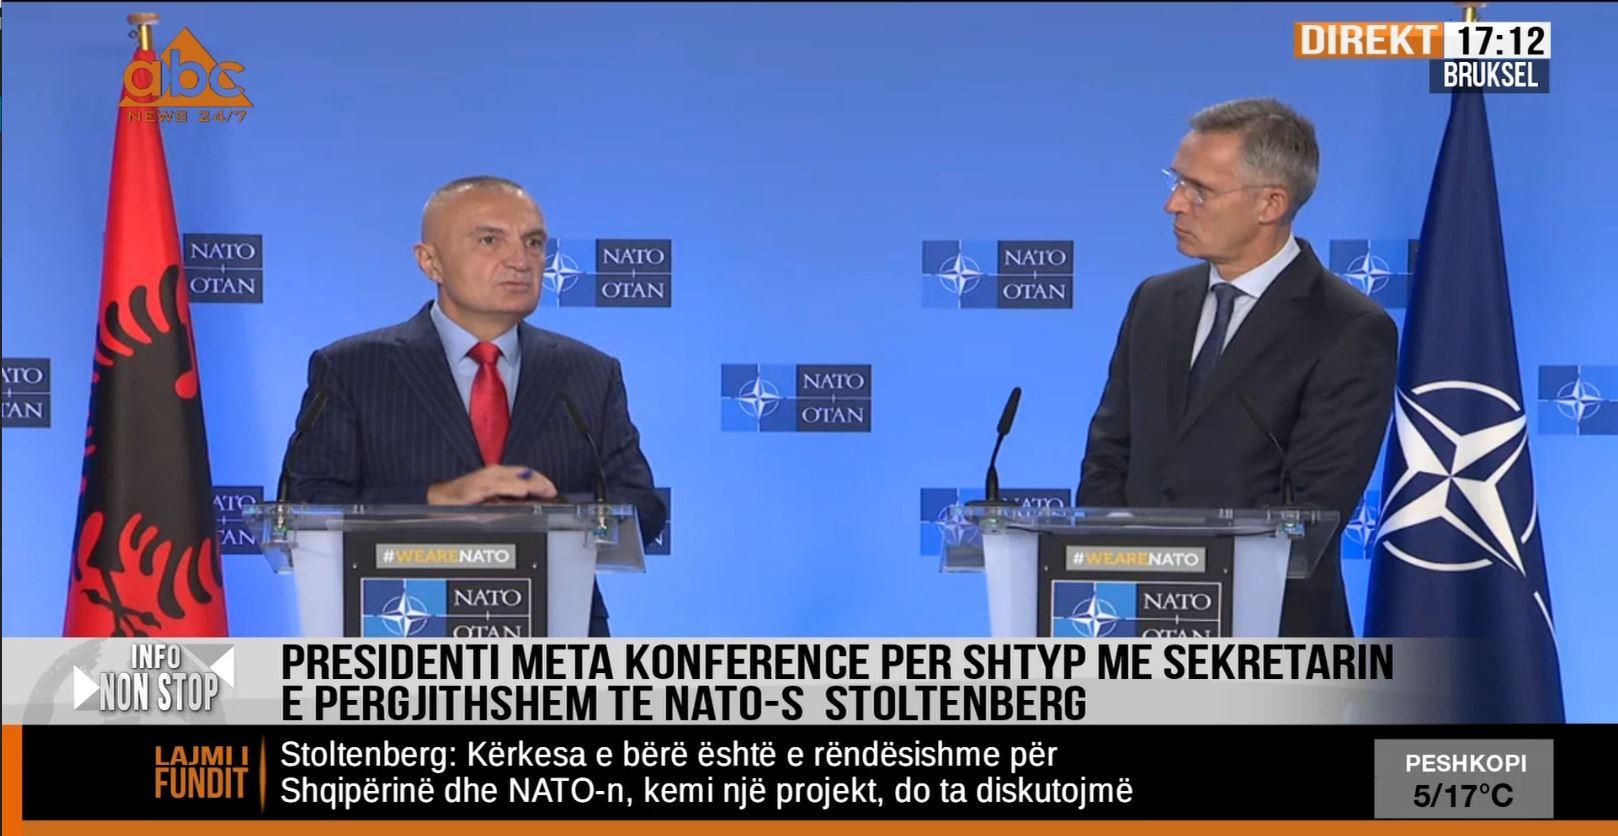 Stoltenberg: Nuk kemi plan për bazë detare të NATO-s në Pashaliman